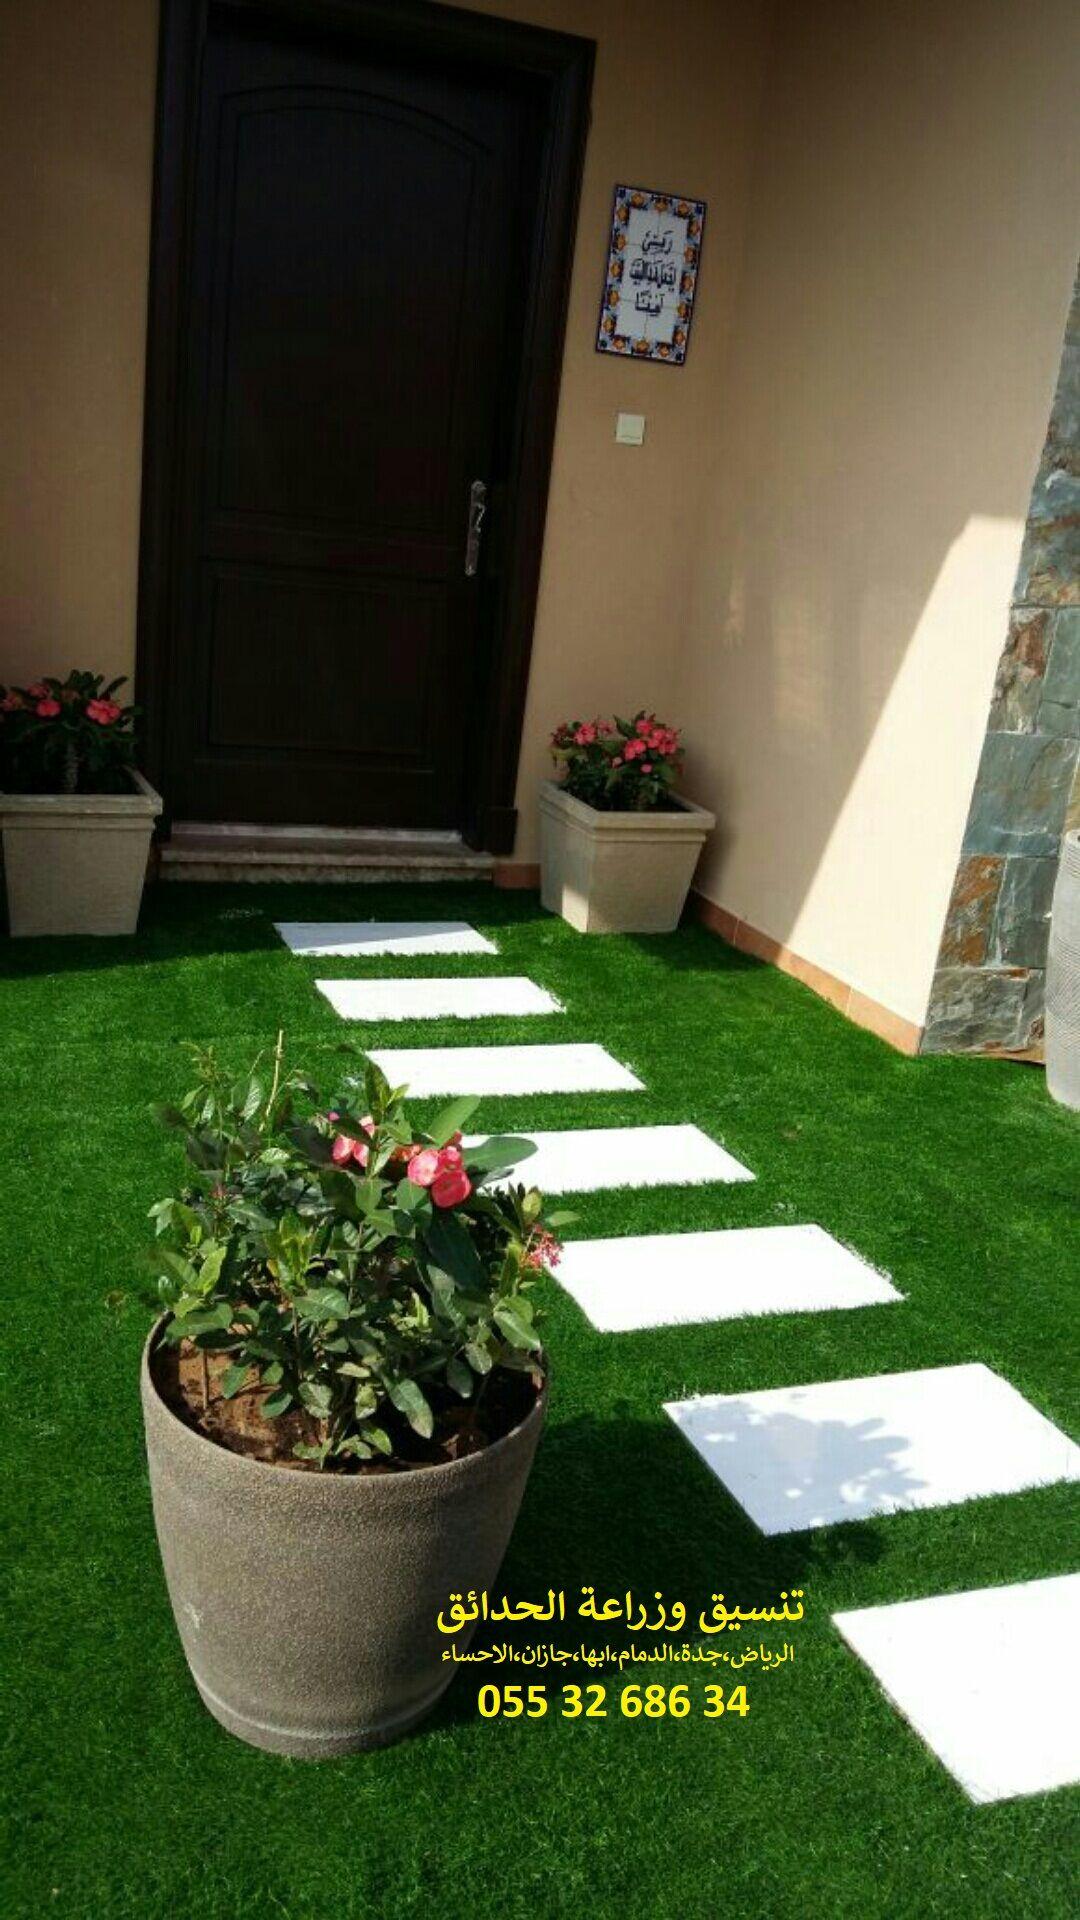 تصميم حدائق داخليه تصميم حدائق دائرية تصميم حدائق رائعه تصميم حدائق روعه تصميم حدائق رياض الاطفال تصميم حدائق زر Small Backyard Patio Backyard Patio Home Decor